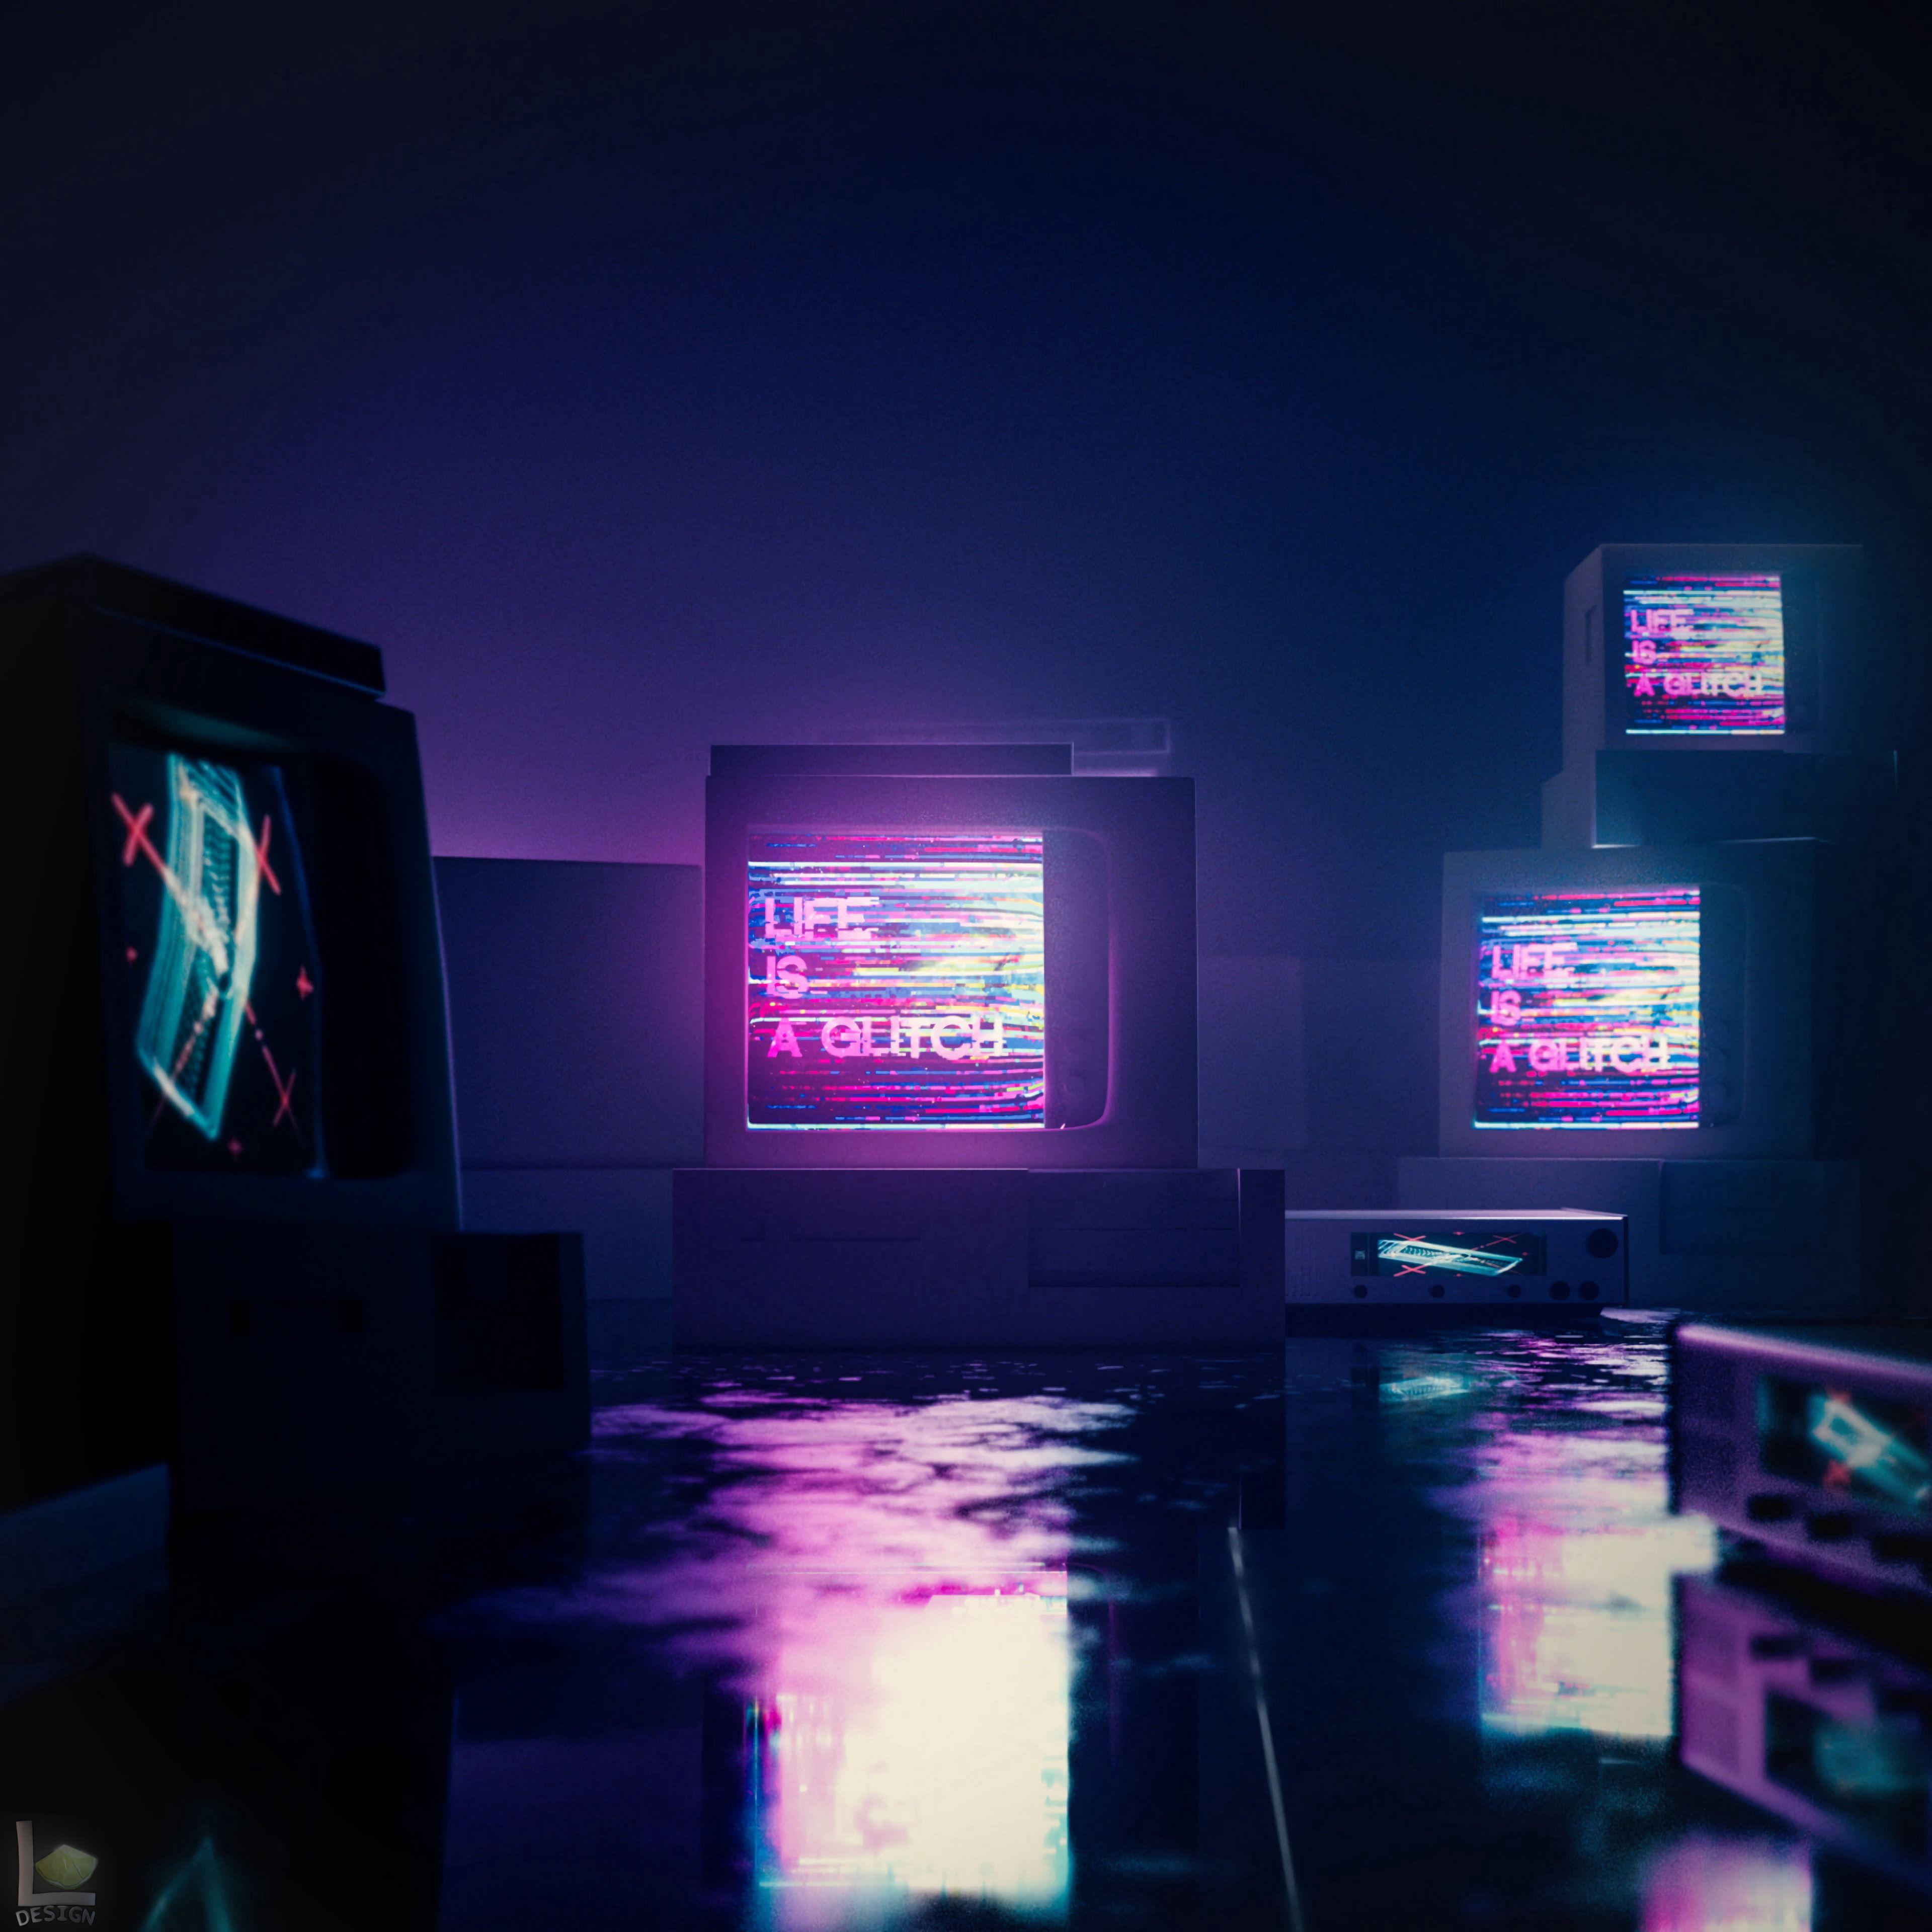 91302 Hintergrundbild herunterladen Kunst, Reflexion, Dunkelheit, Glühen, Glow, Panne, Glitch, Monitor - Bildschirmschoner und Bilder kostenlos